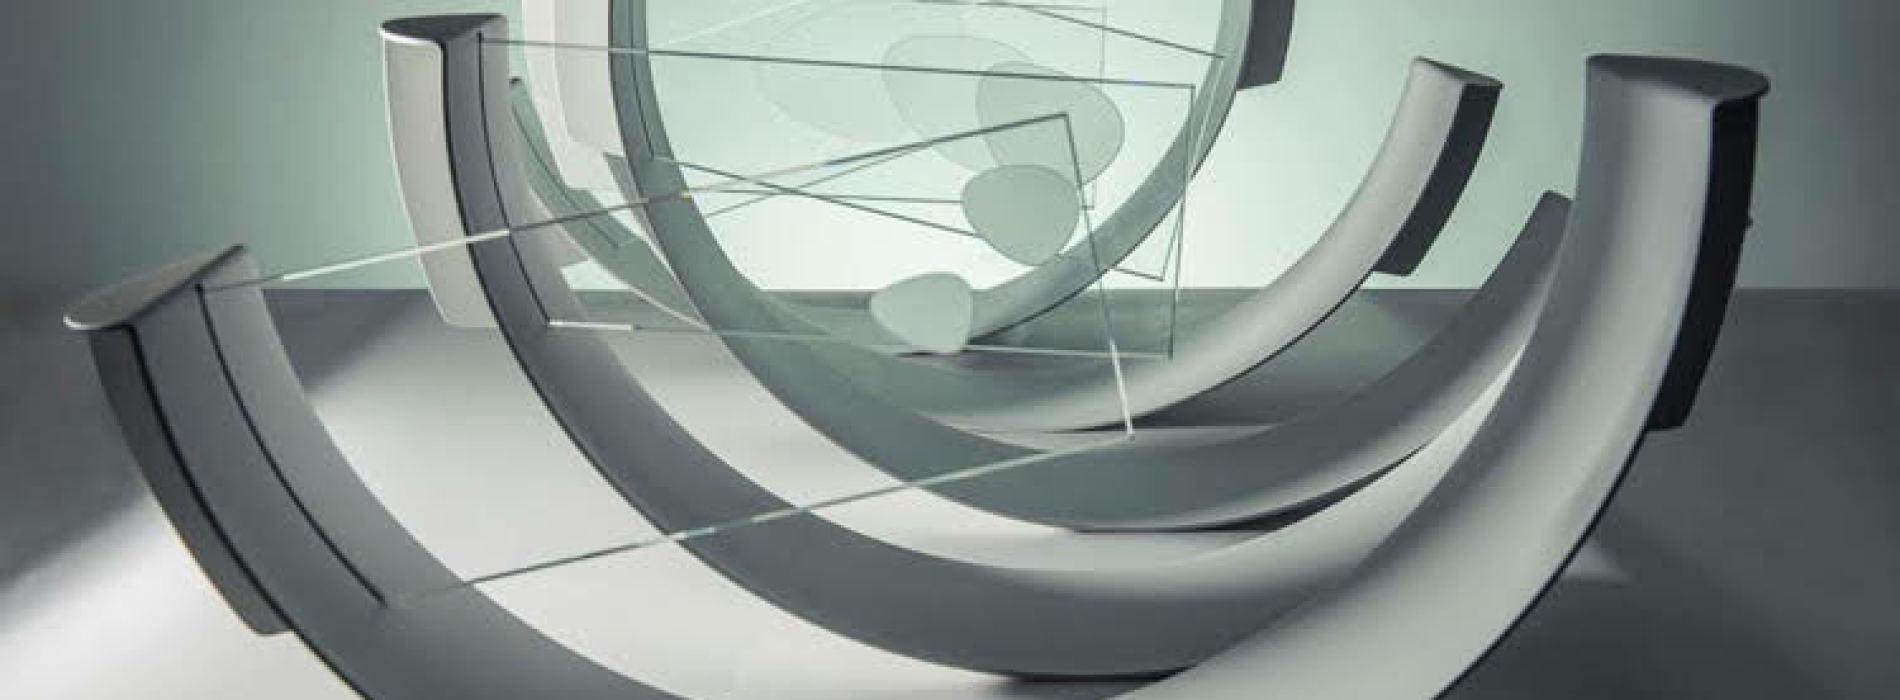 Caserta, con Max Coppeta l'optical art entra a Palazzo (Reale)